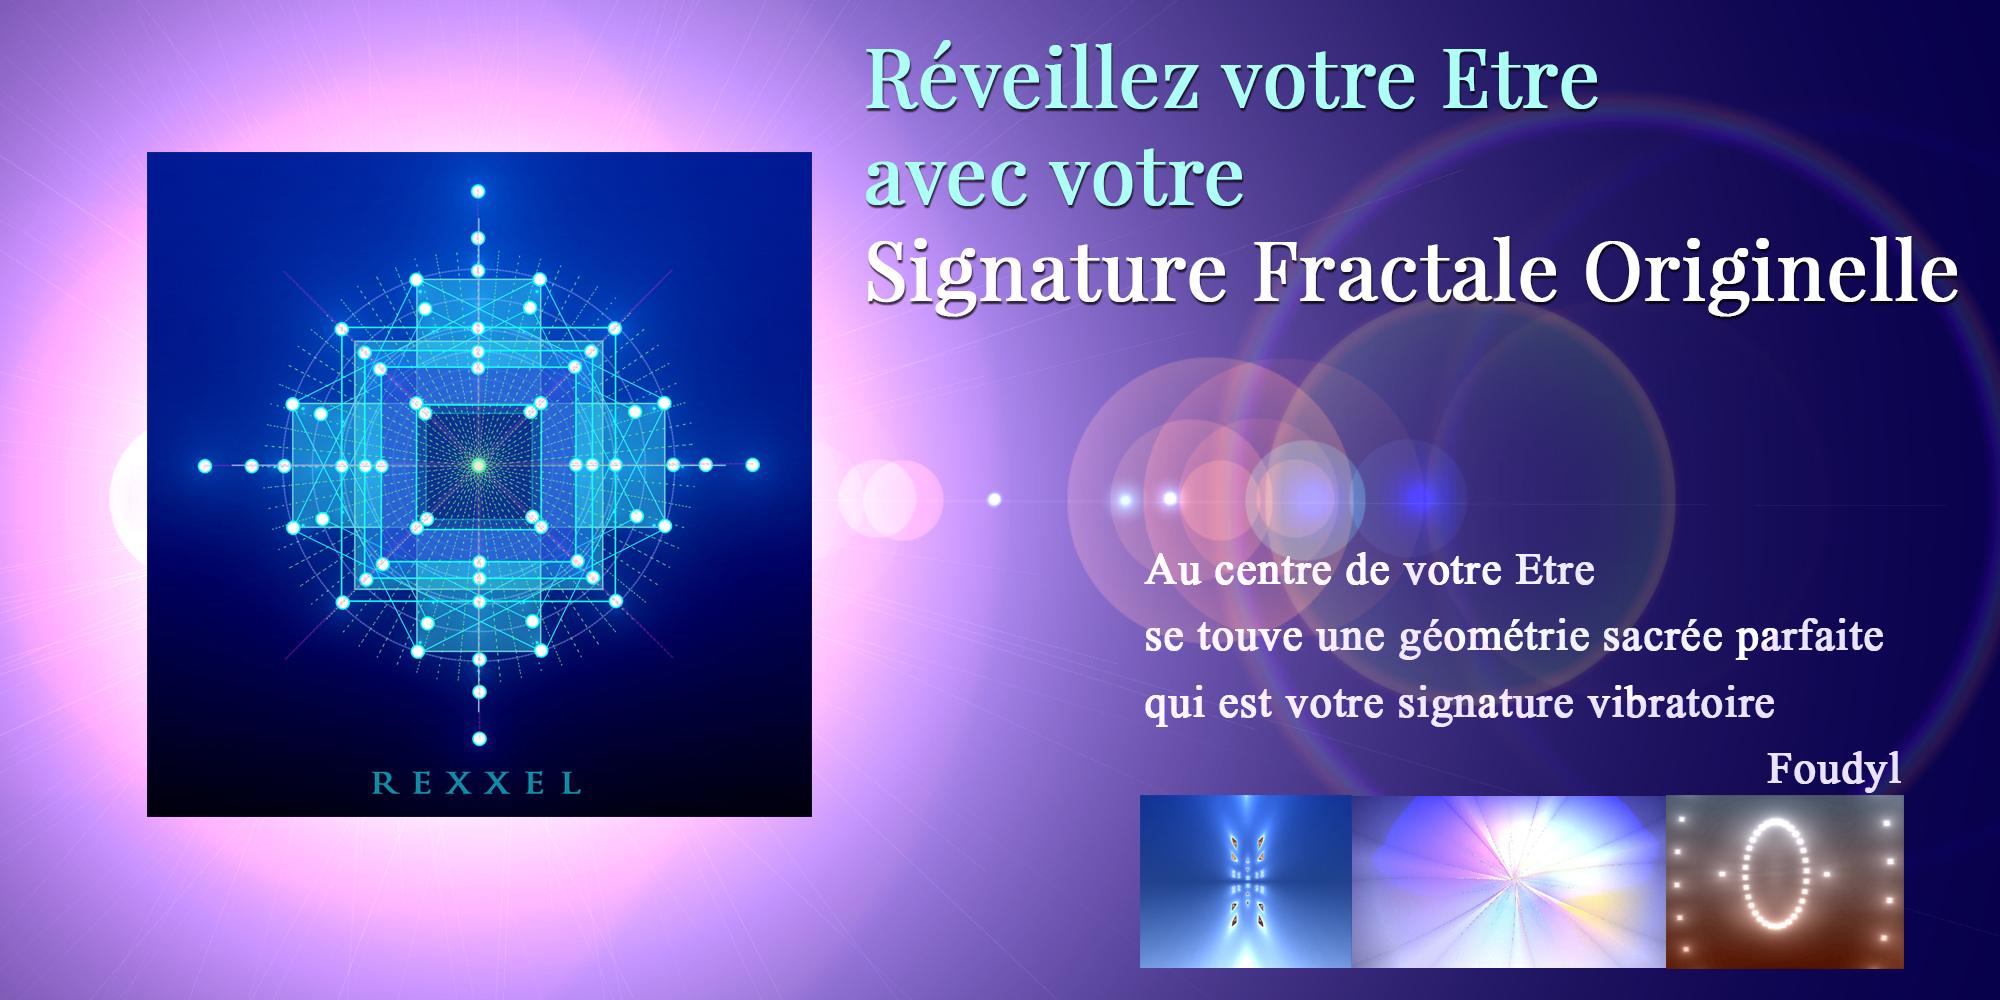 Signature Fractale Originelle